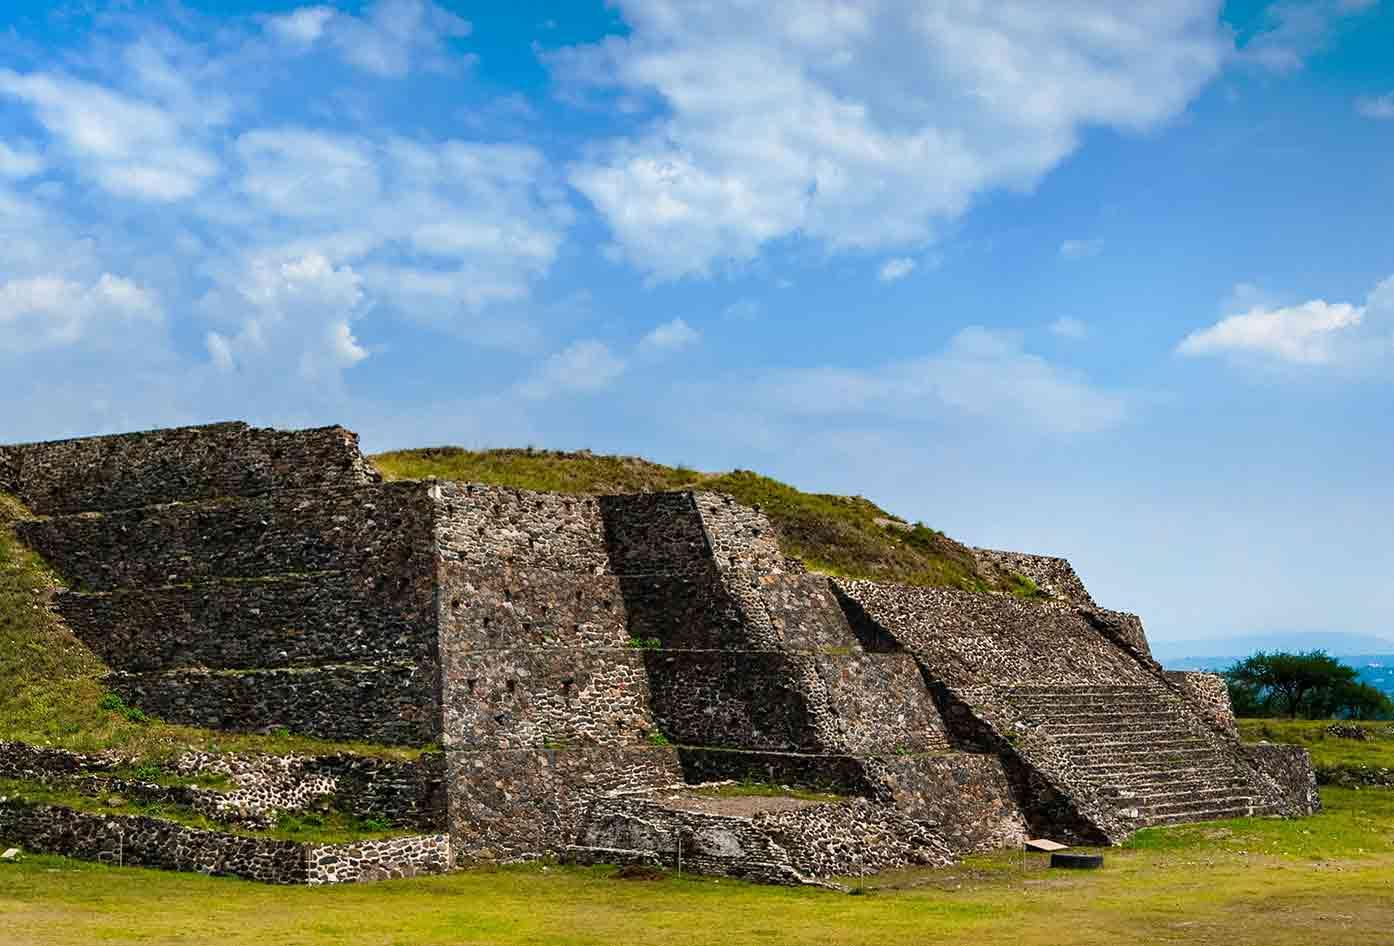 tula pyramid mexico